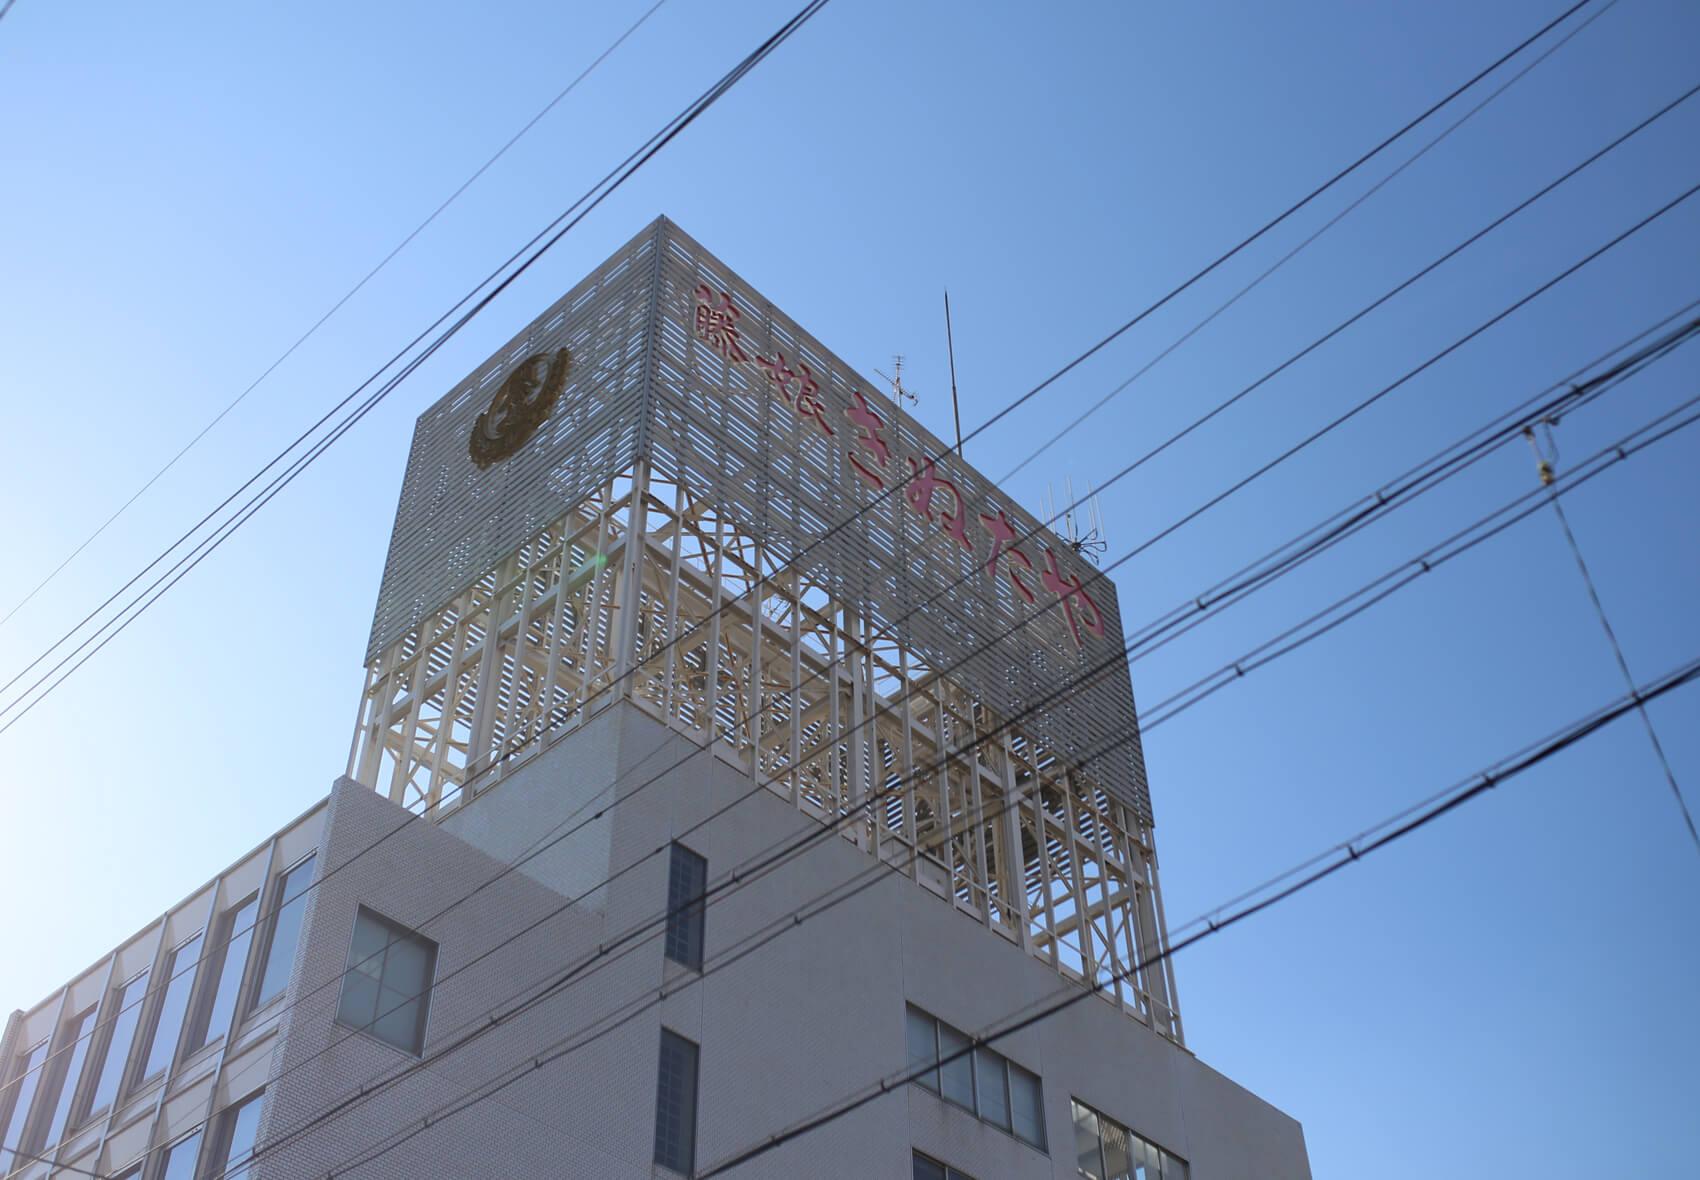 名古屋市金山駅のほどちかくにある藤娘きぬたや本社